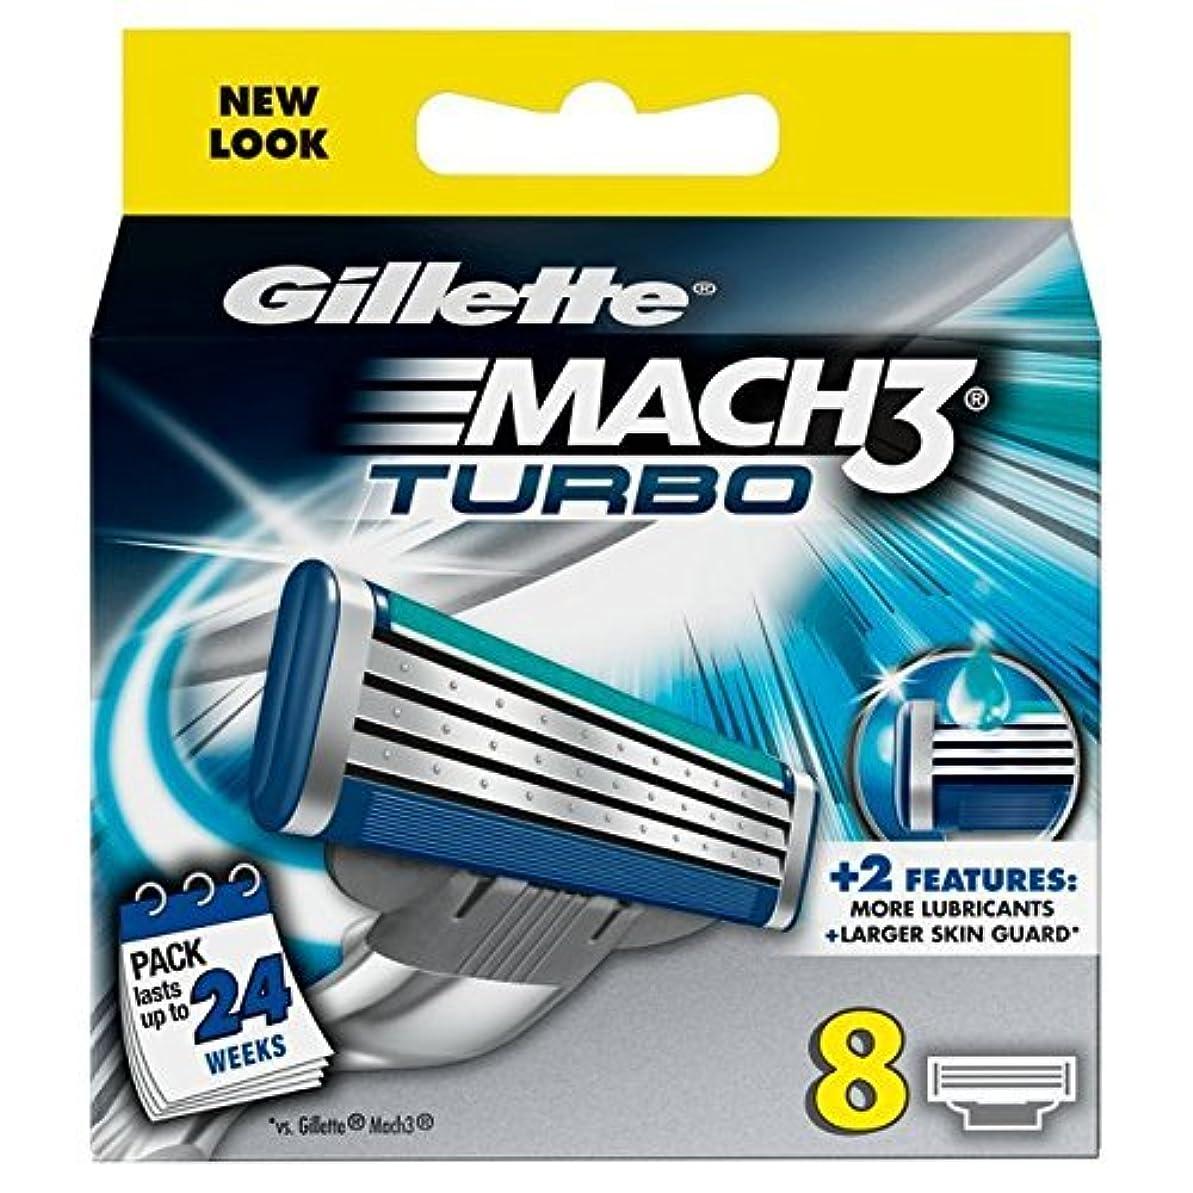 苦しみ甘味免疫するジレット マッハ 3 ターボ 替刃8個入 Gillette Mach 3 Turbo [並行輸入品]